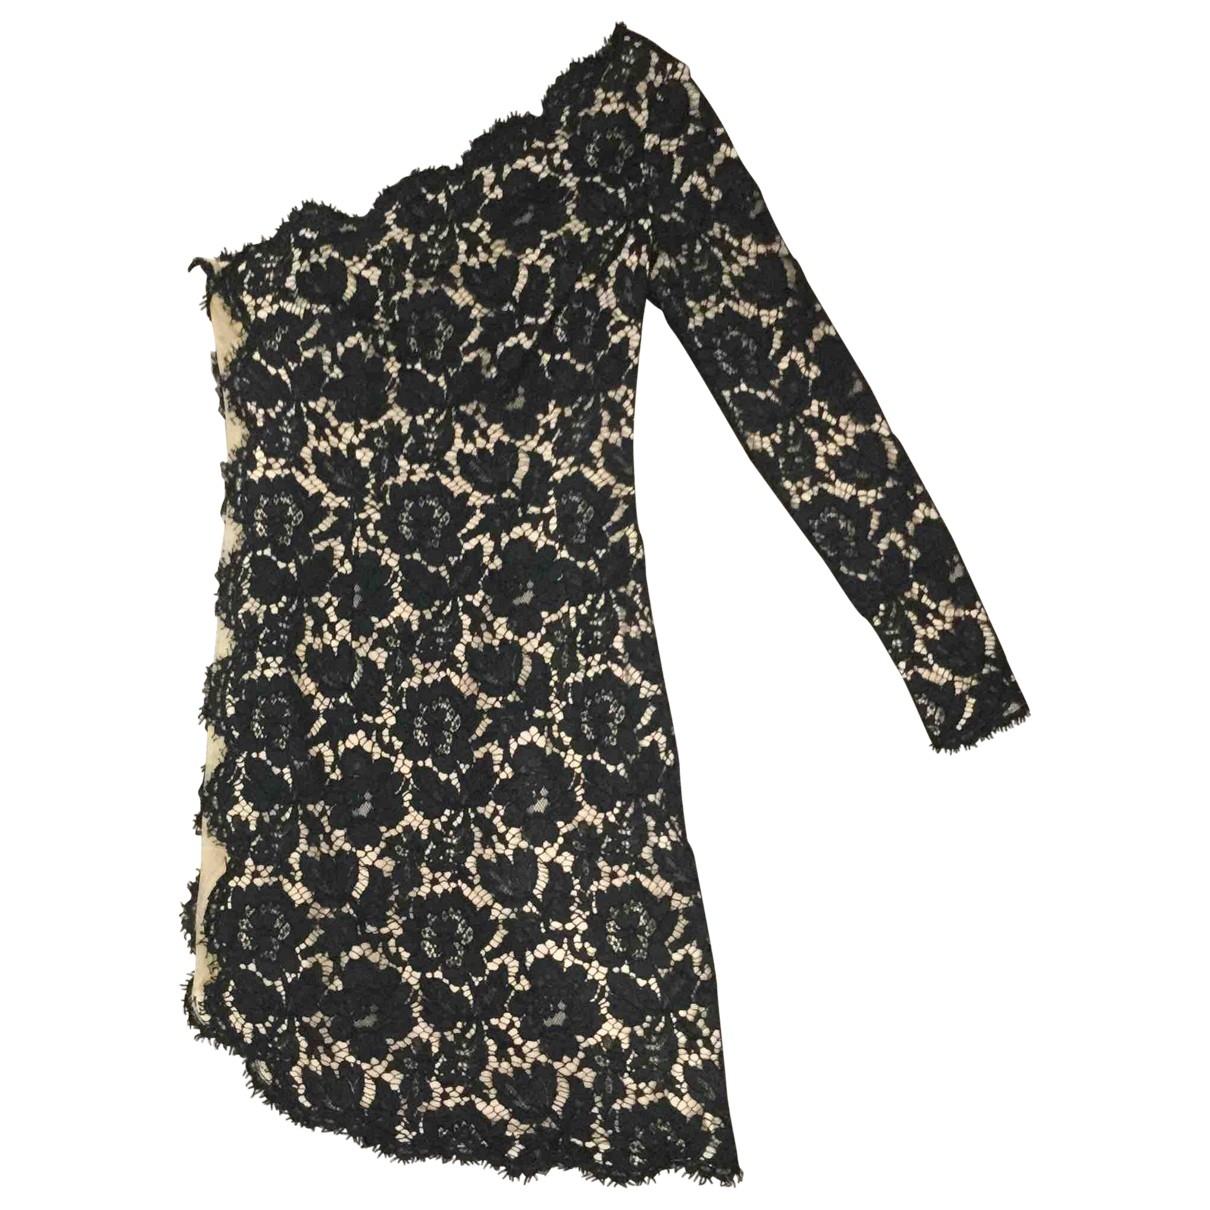 Stella Mccartney \N Kleid in  Schwarz Spitze